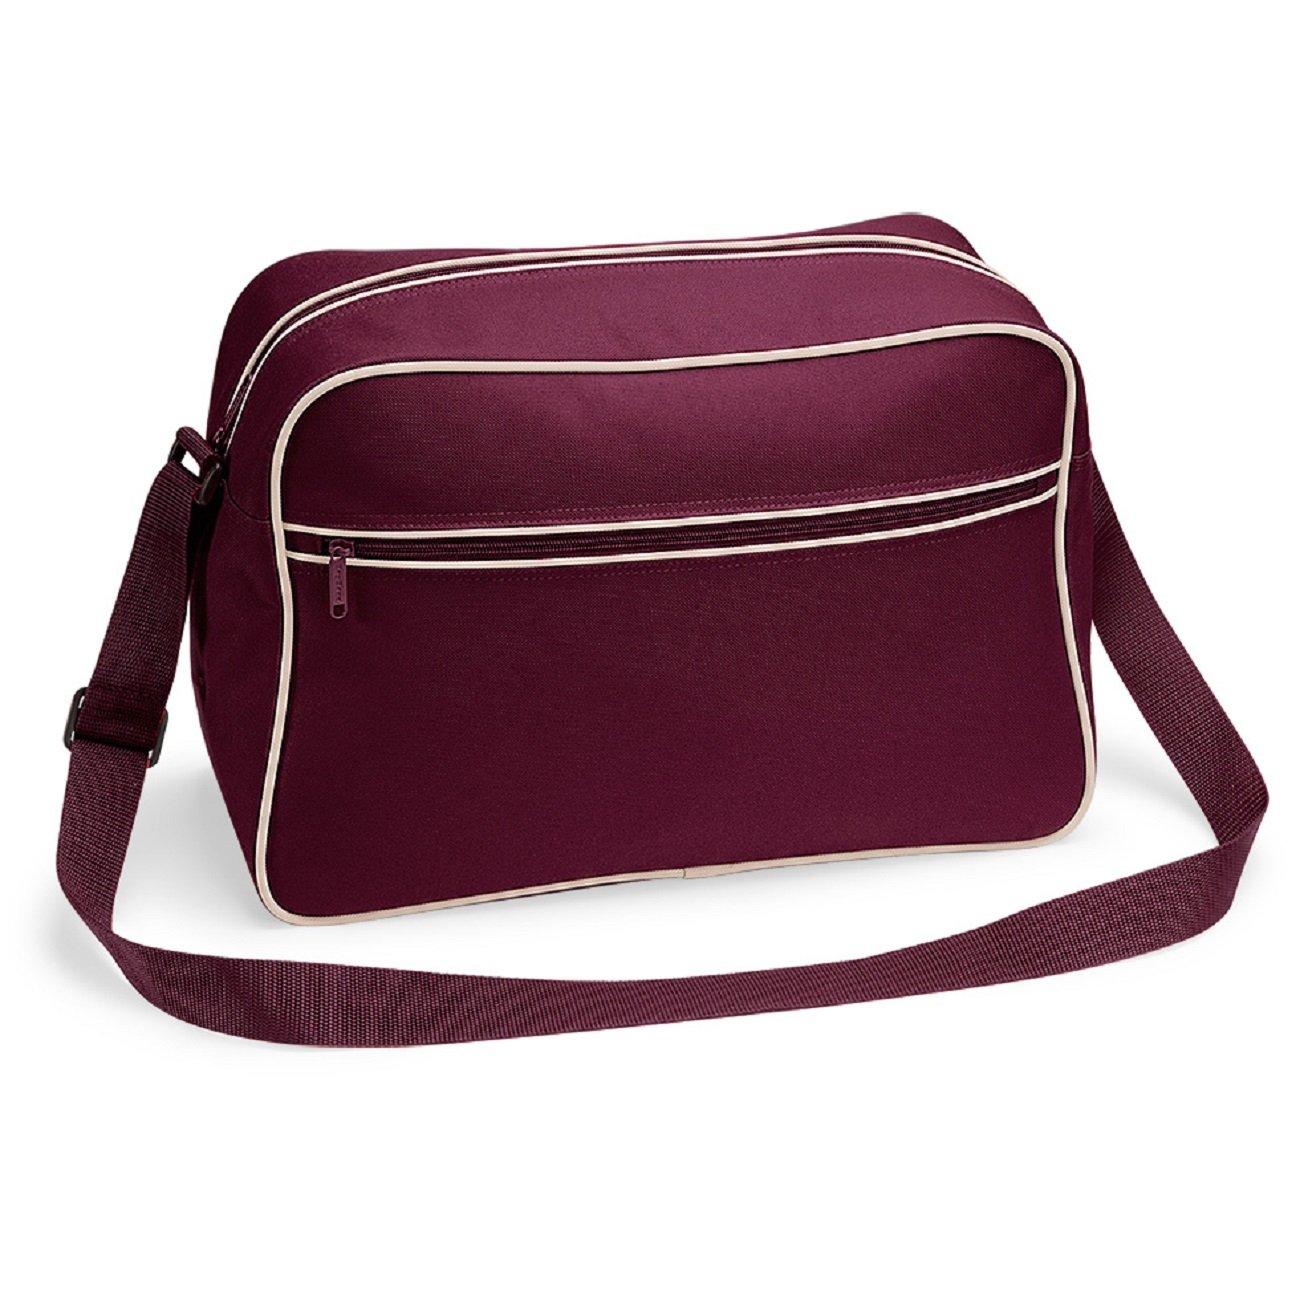 Bagbase retro Shoulder Bag Black/Gold